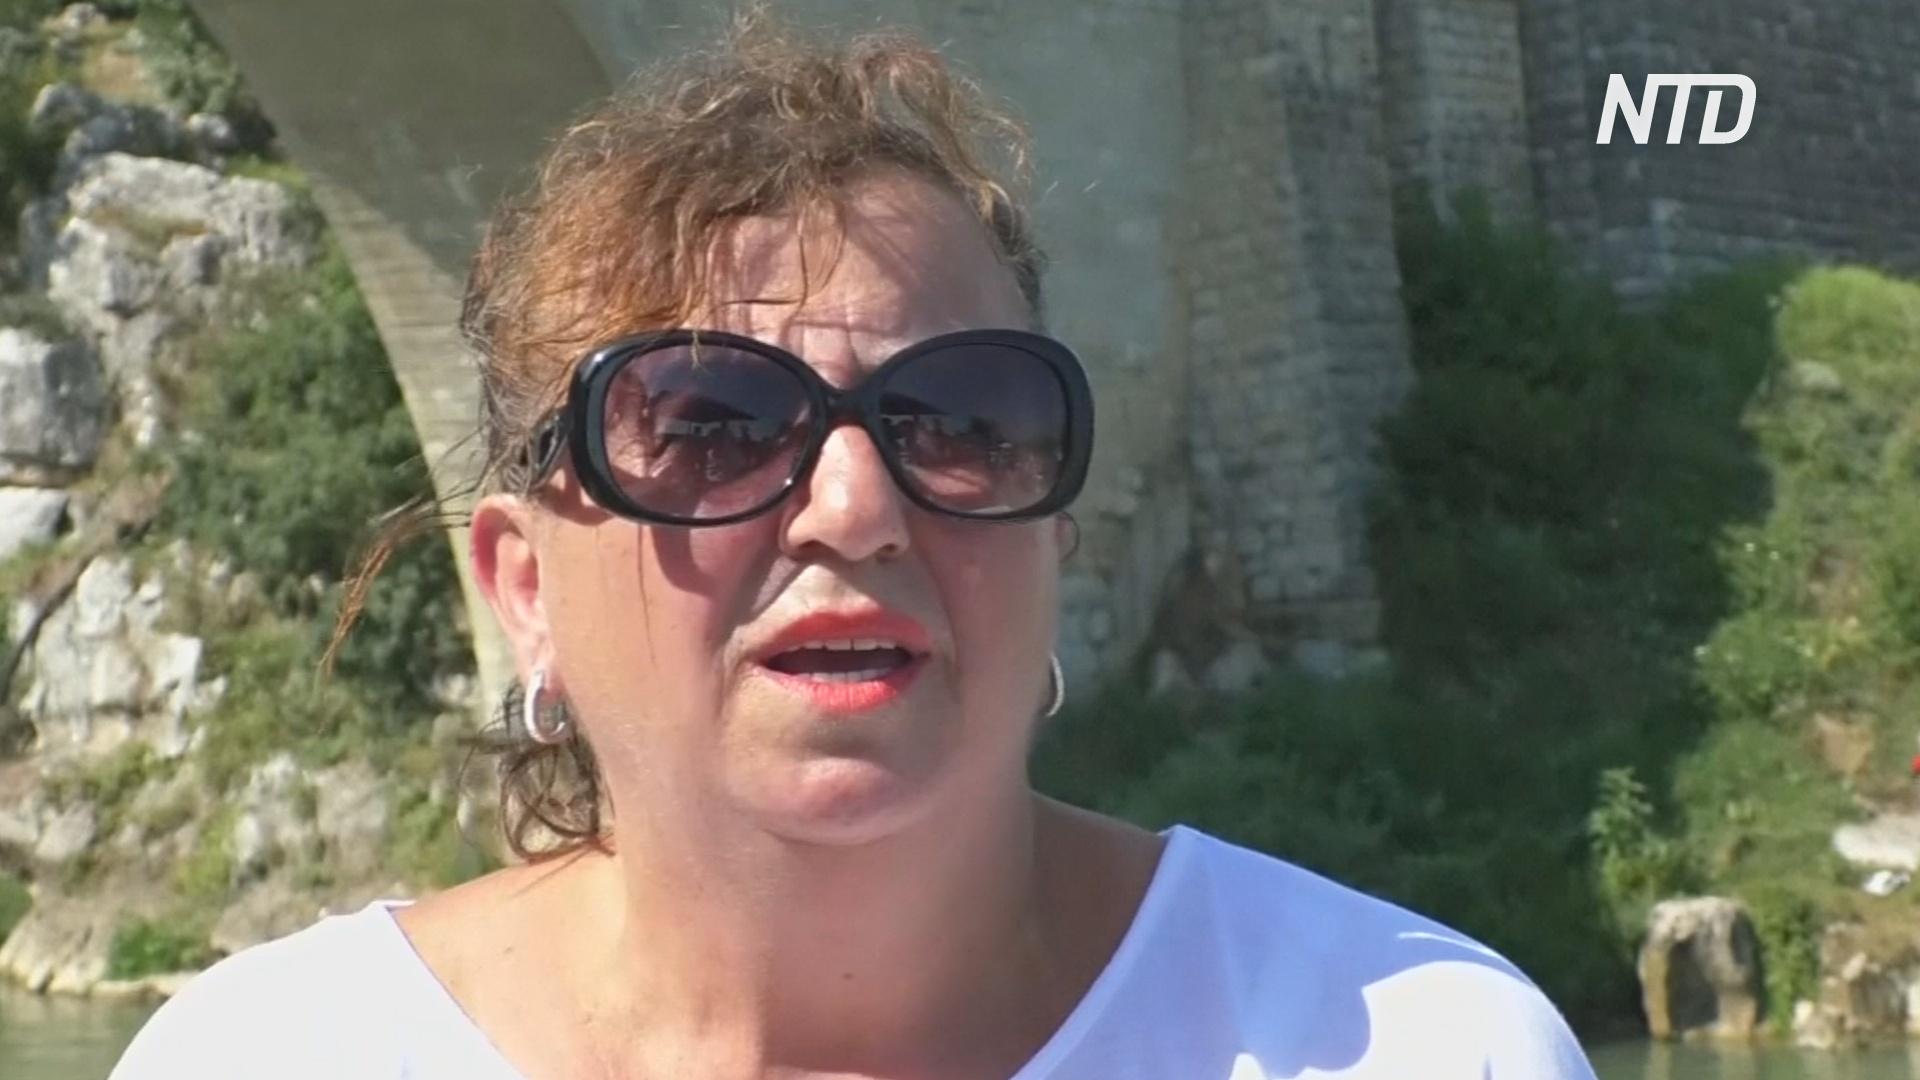 Первая женщина-хайдайвер бывшей Югославии не забывает о своём увлечении